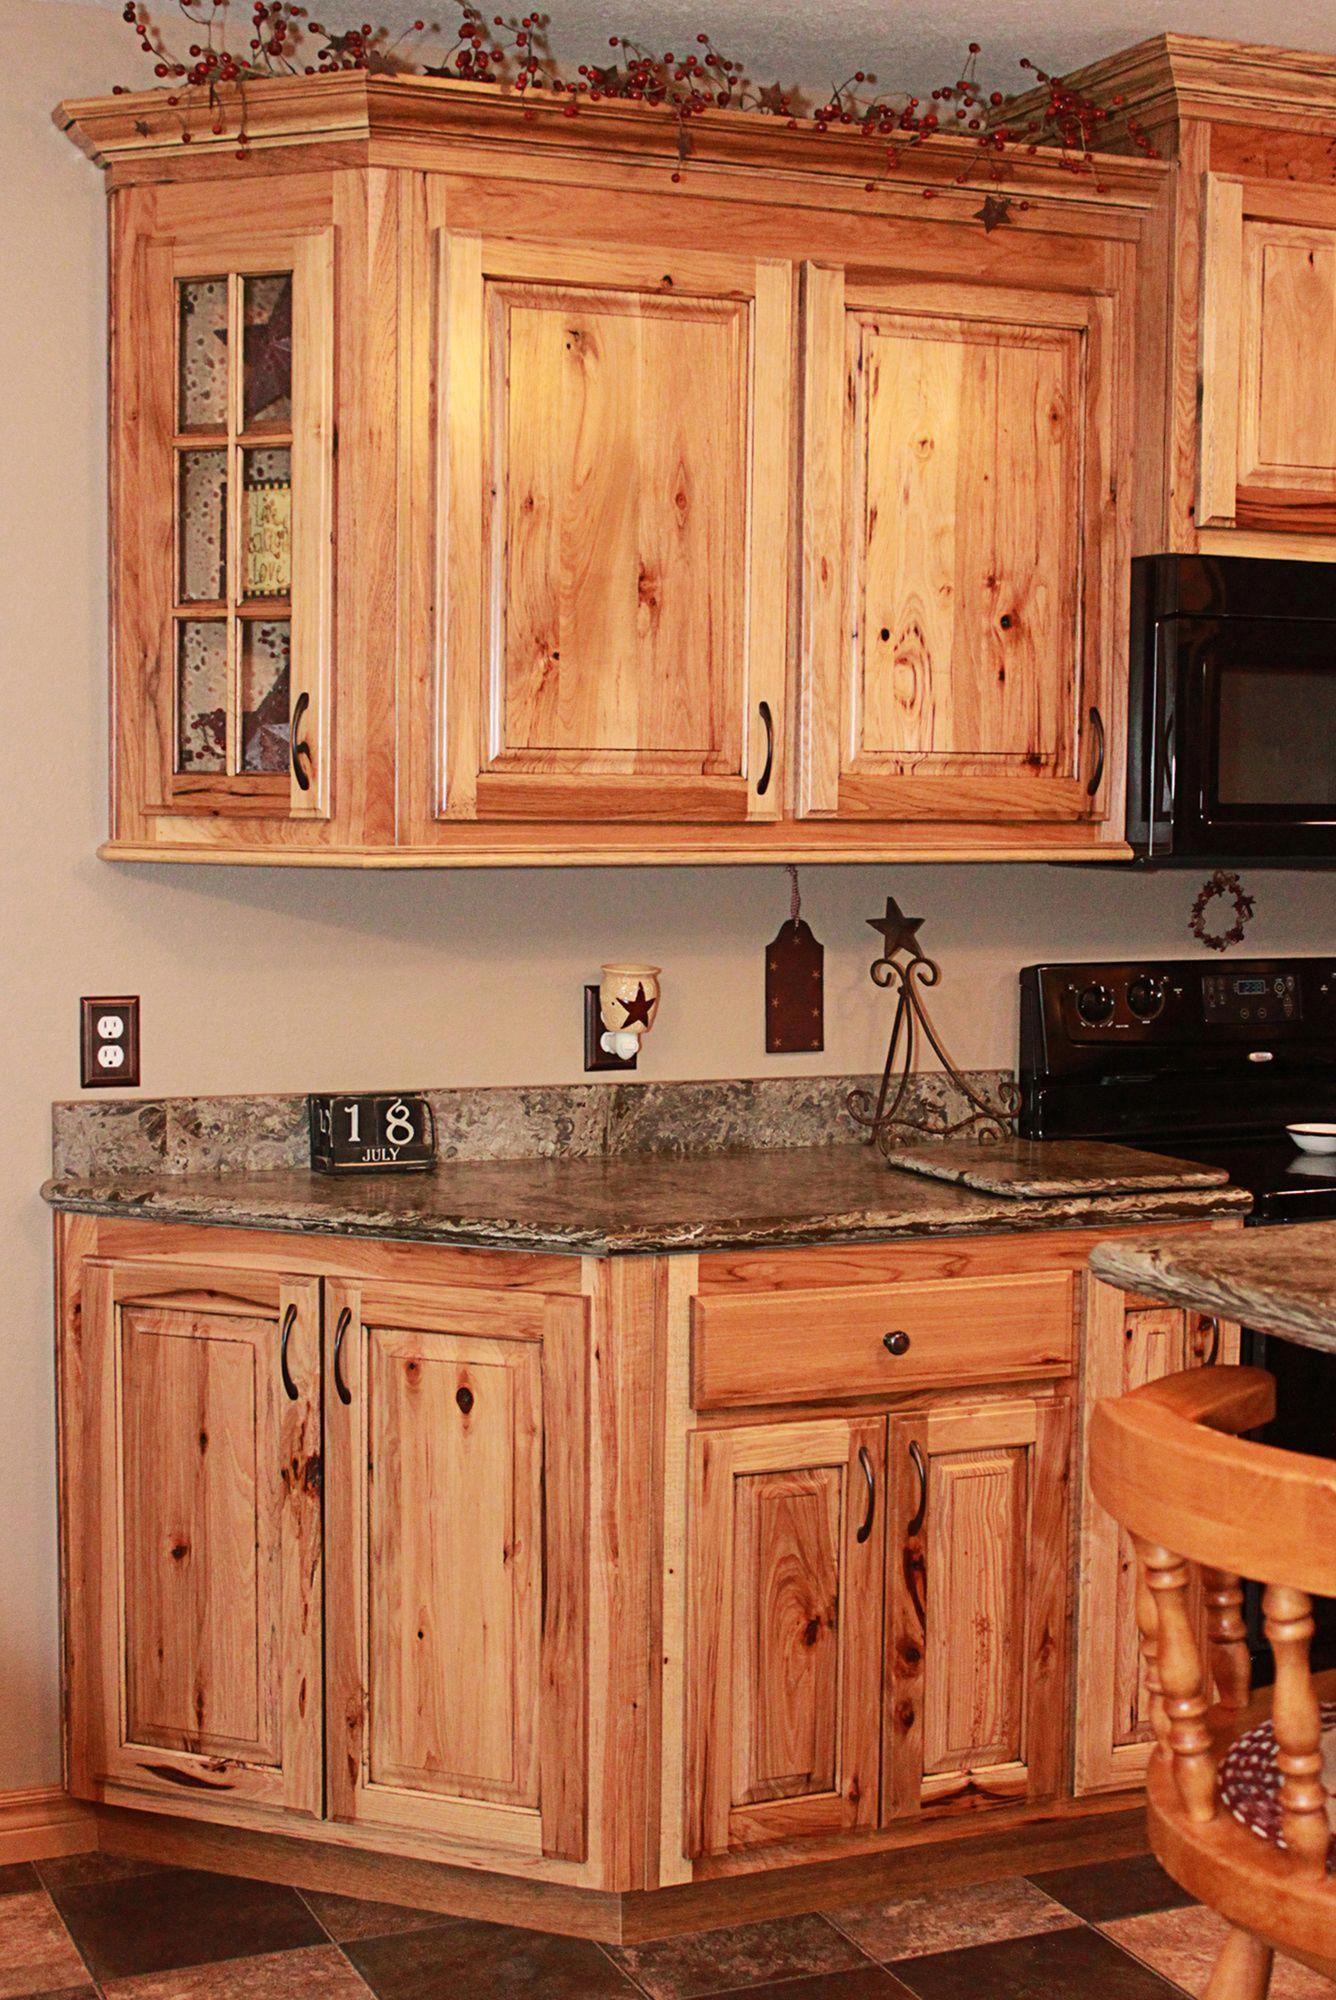 Used Kitchen Cabinets Ocala Fl 2020 In 2020 New Kitchen Cabinets Rustic Kitchen Cabinets Contemporary Wooden Kitchen